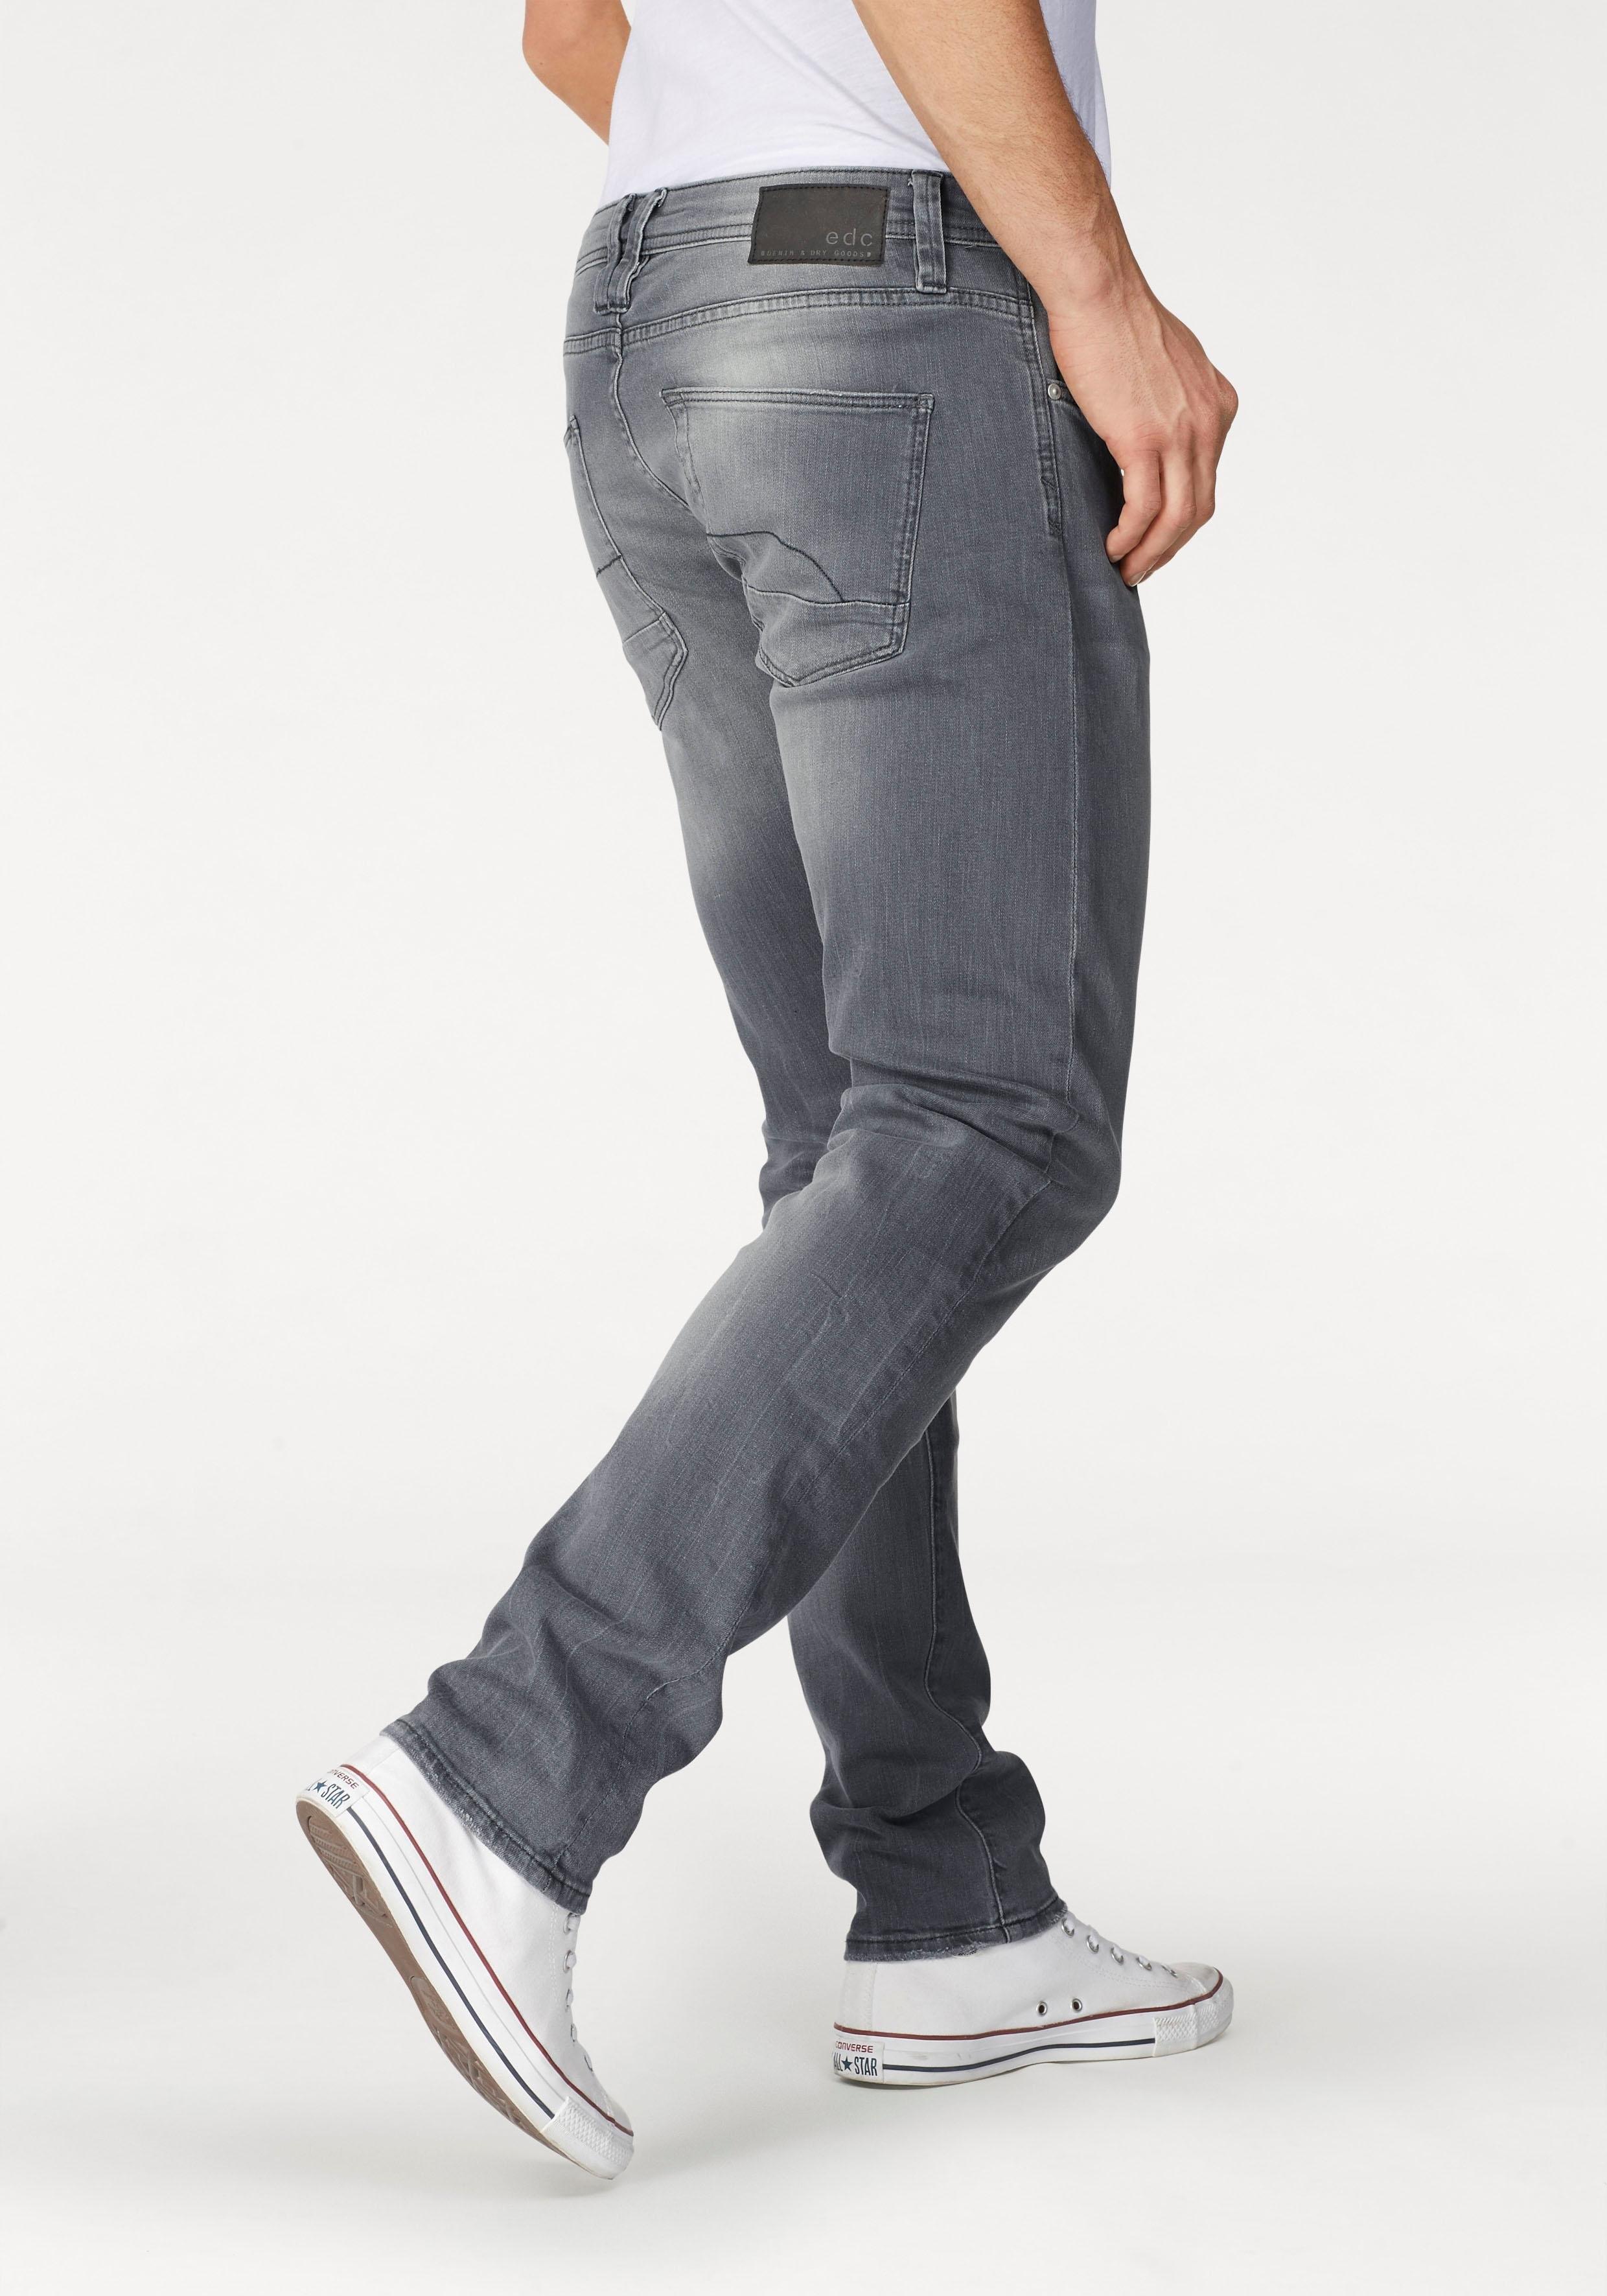 edc by esprit edc slim fit jeans - gratis ruilen op otto.nl